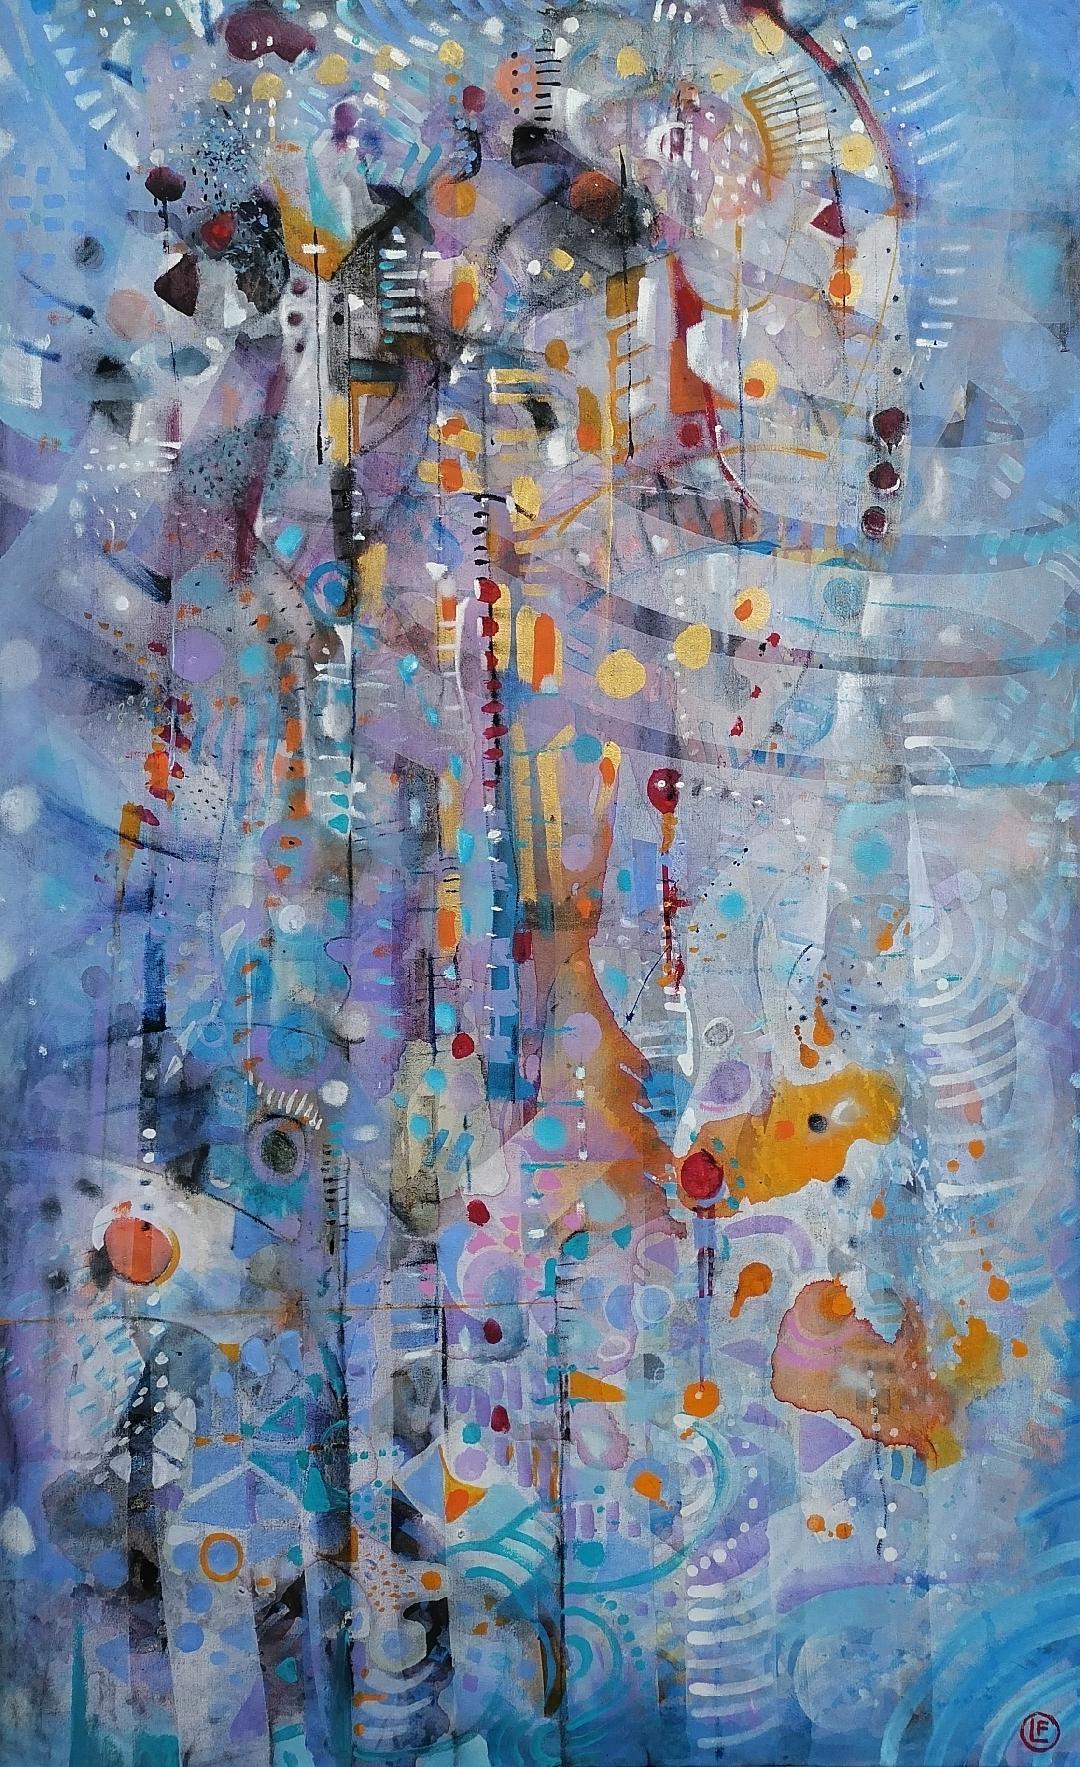 Sonidos de Andrómeda II técnica mixta s/tela 145 x 90 cms / 57 x 35.5 inches